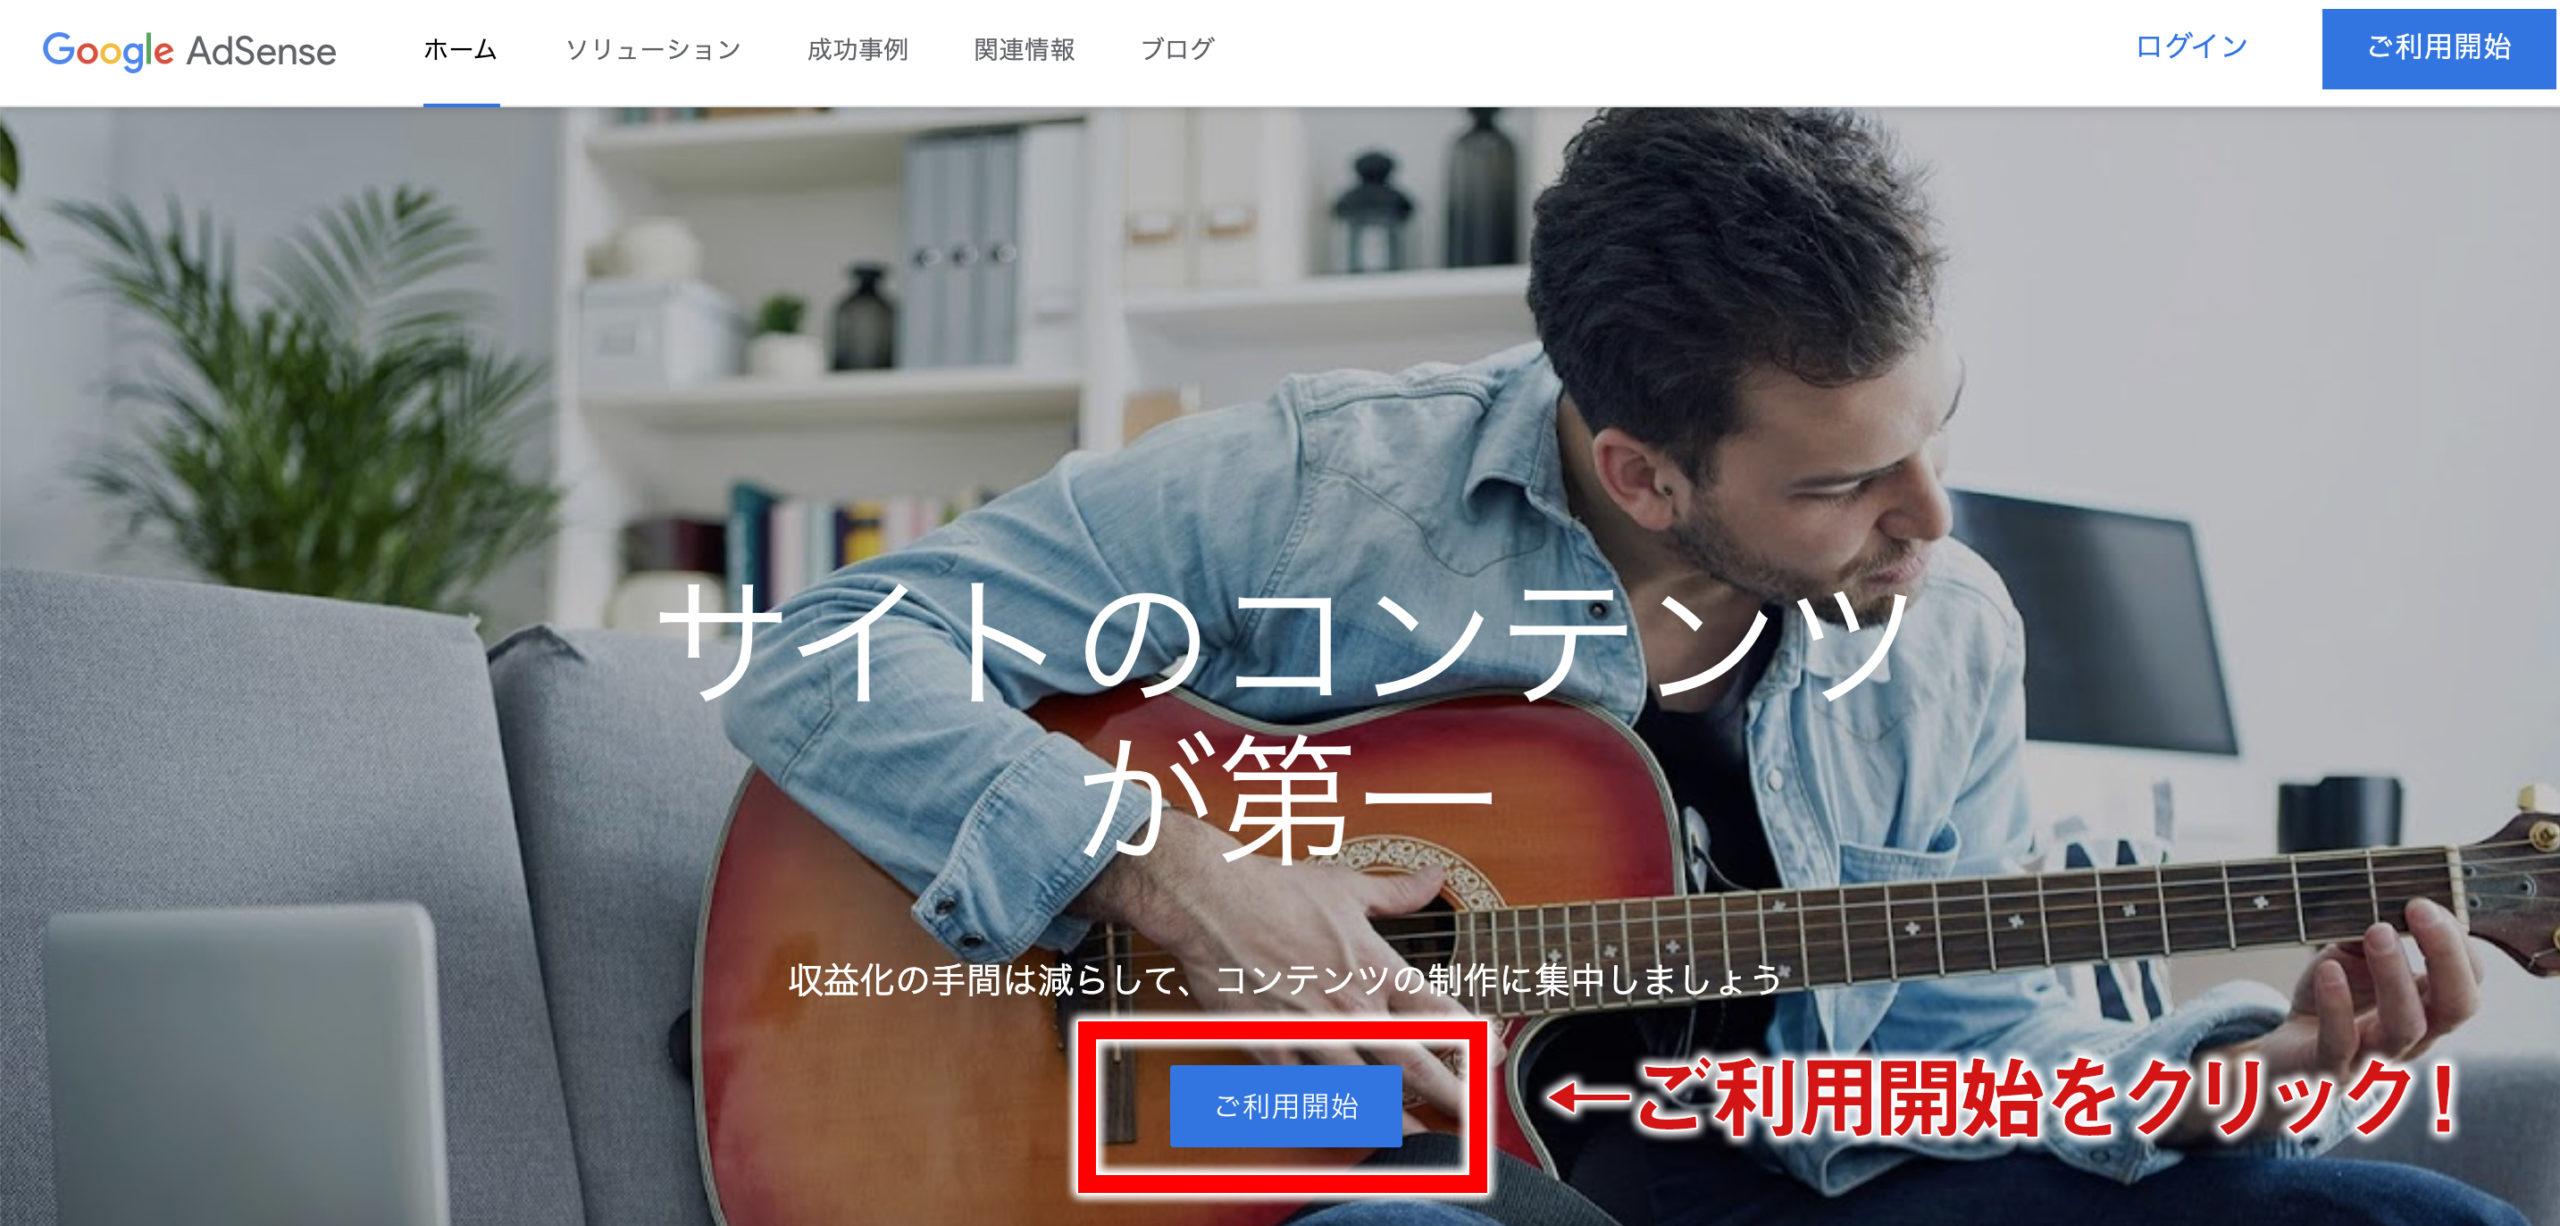 Googleアドセンスのサイト